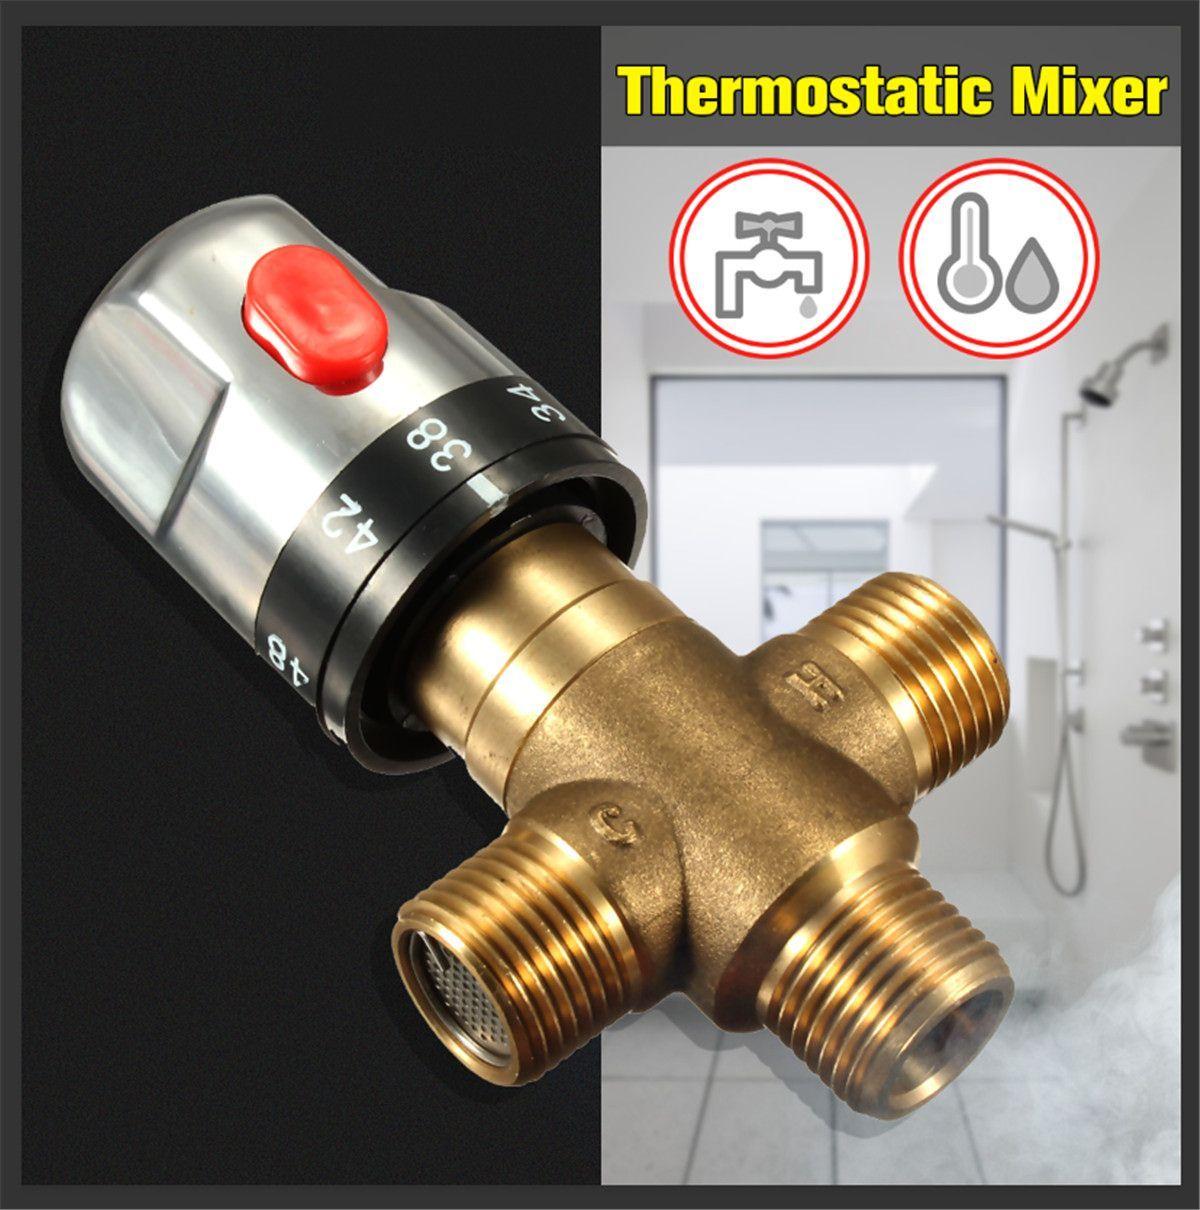 Xueqin laiton thermostatique mitigeur salle de bain robinet température mélangeur contrôle thermostatique vanne amélioration de la maison